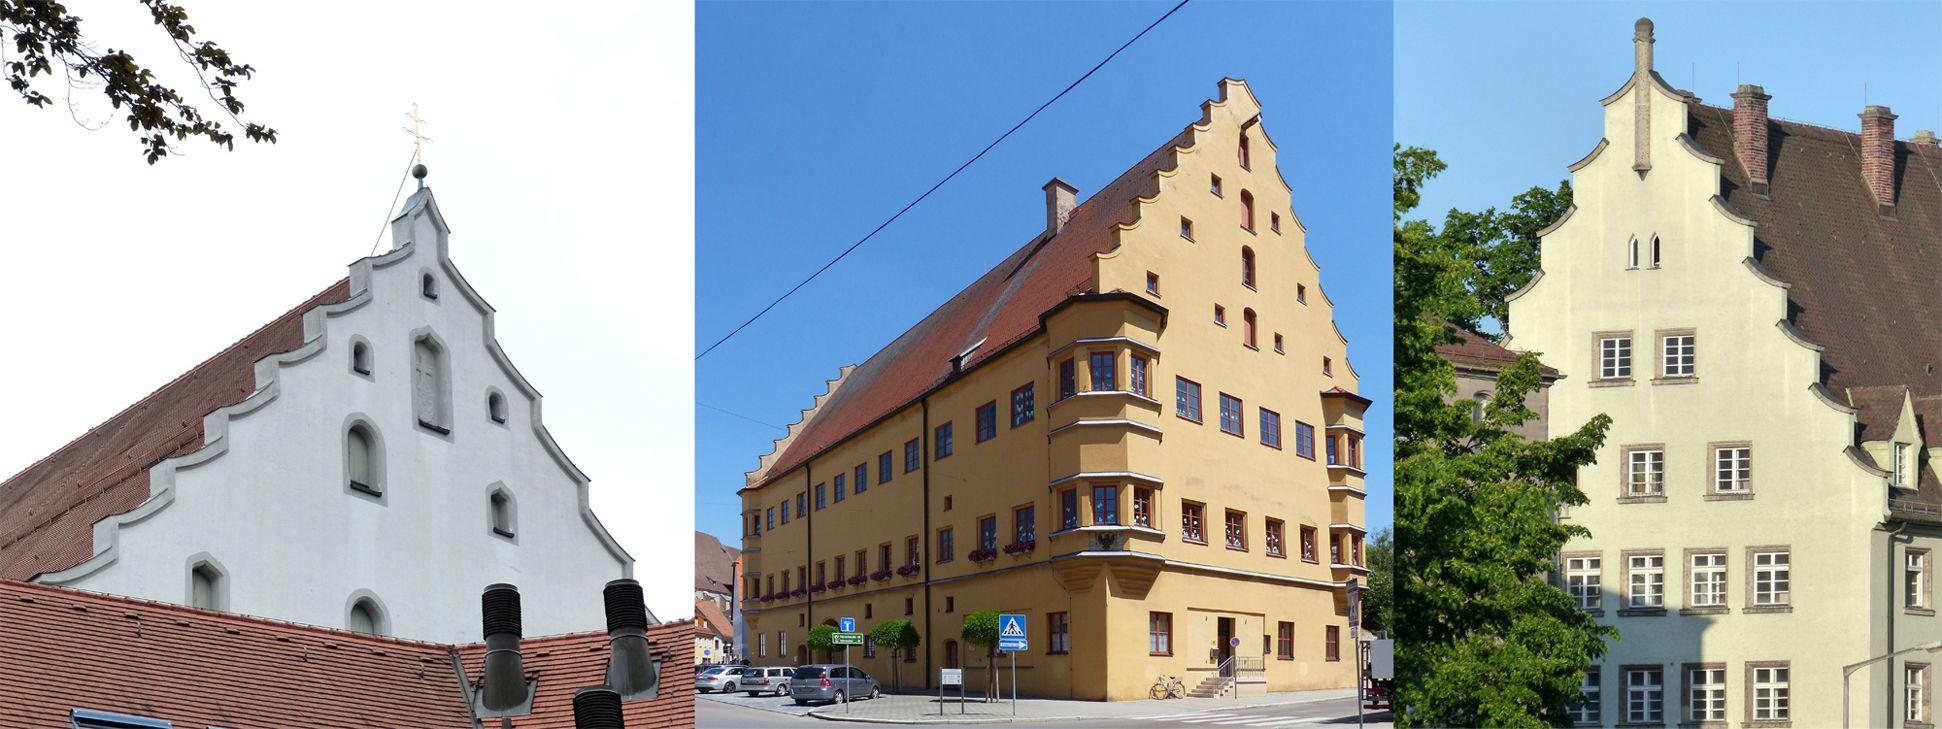 Selbstanschlussamt Giebelgenealogie, von l. nach r.: Augsburg, kath. Heilig-Kreuz-Kirche (1502-1508), Nördlingen Hallhaus (1541-1544), Nürnberg Selbstanschlussamt